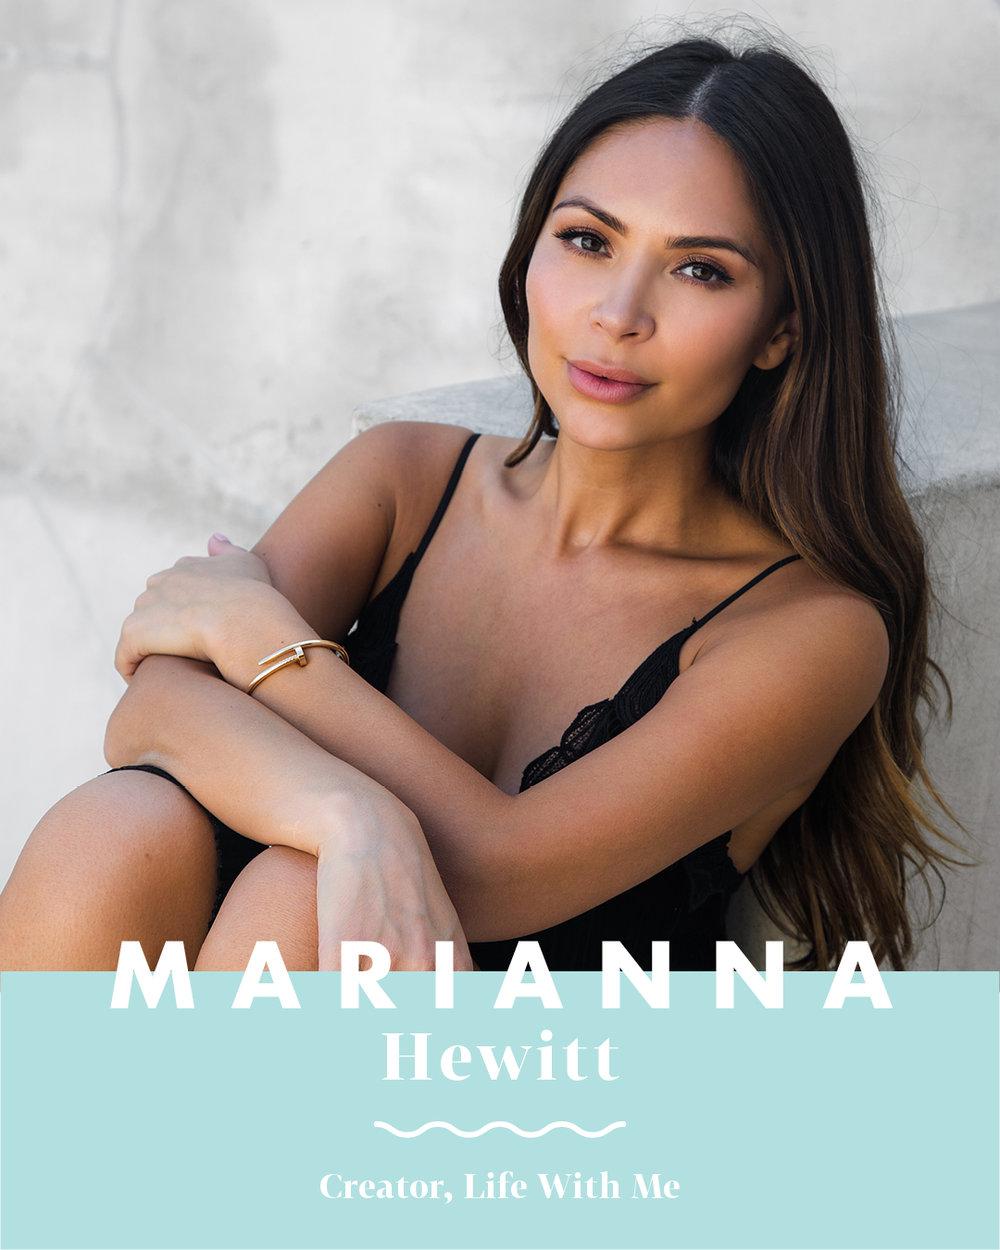 marianna-hewitt.jpg